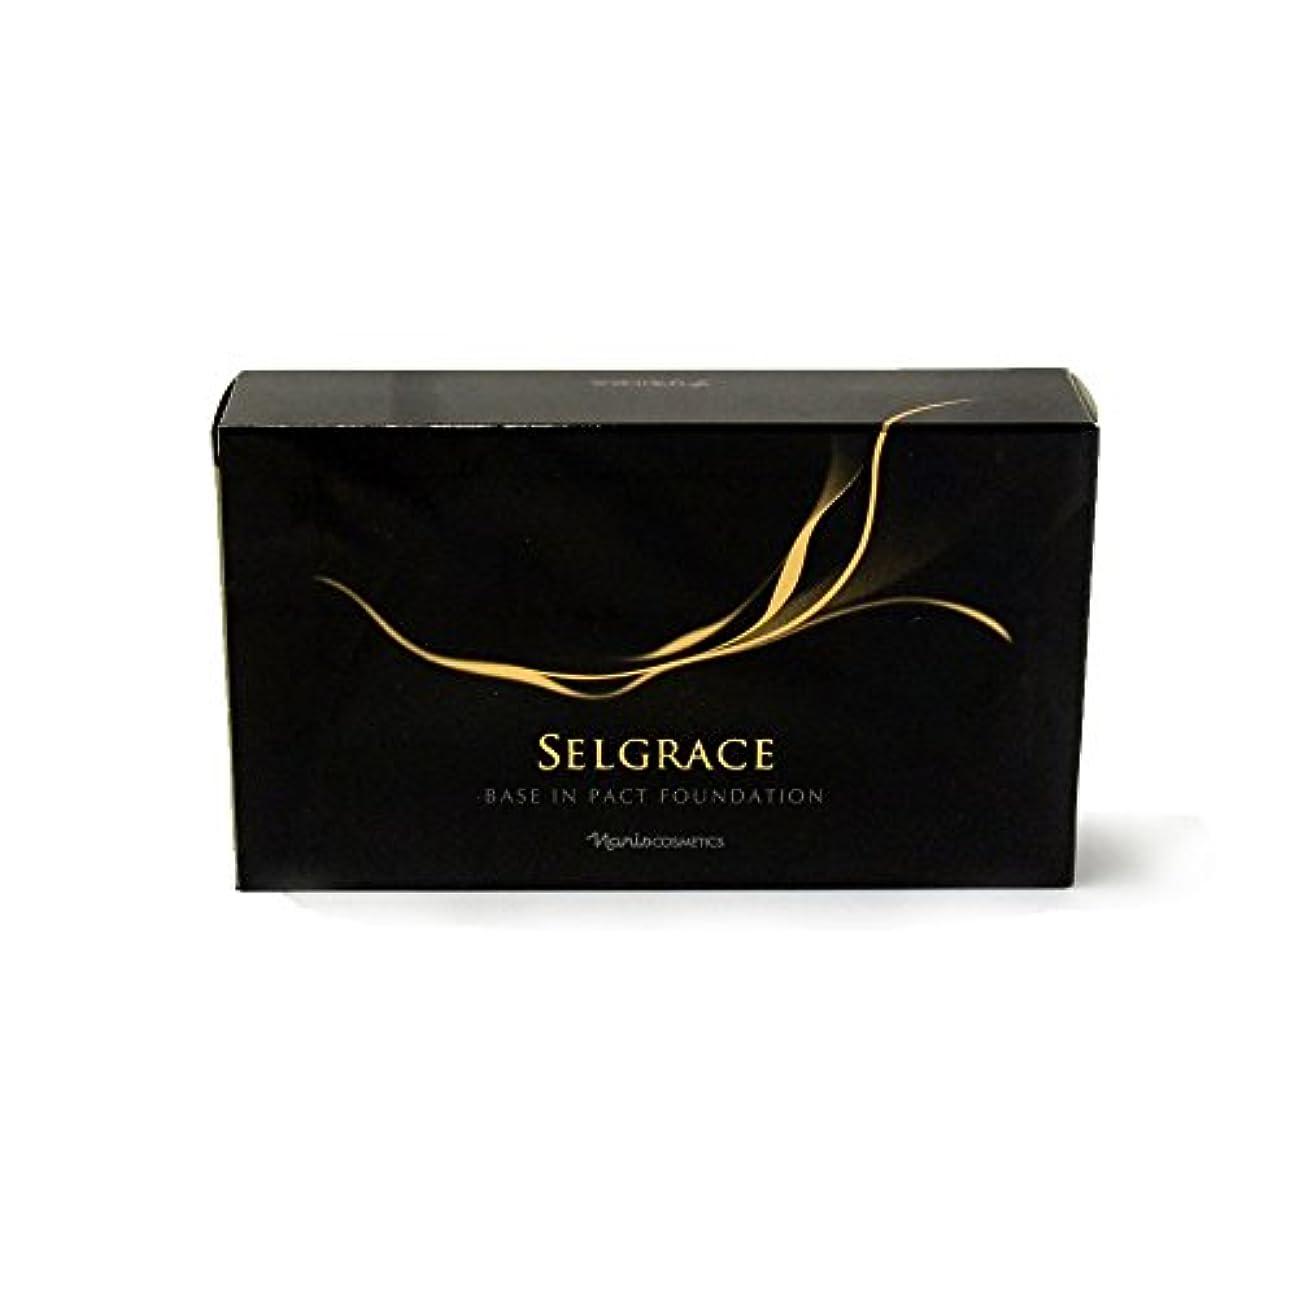 氷ペルメルマングルナリス セルグレース ベースイン パクト ファンデーション 150<レフィル>(12g)※ケース別売